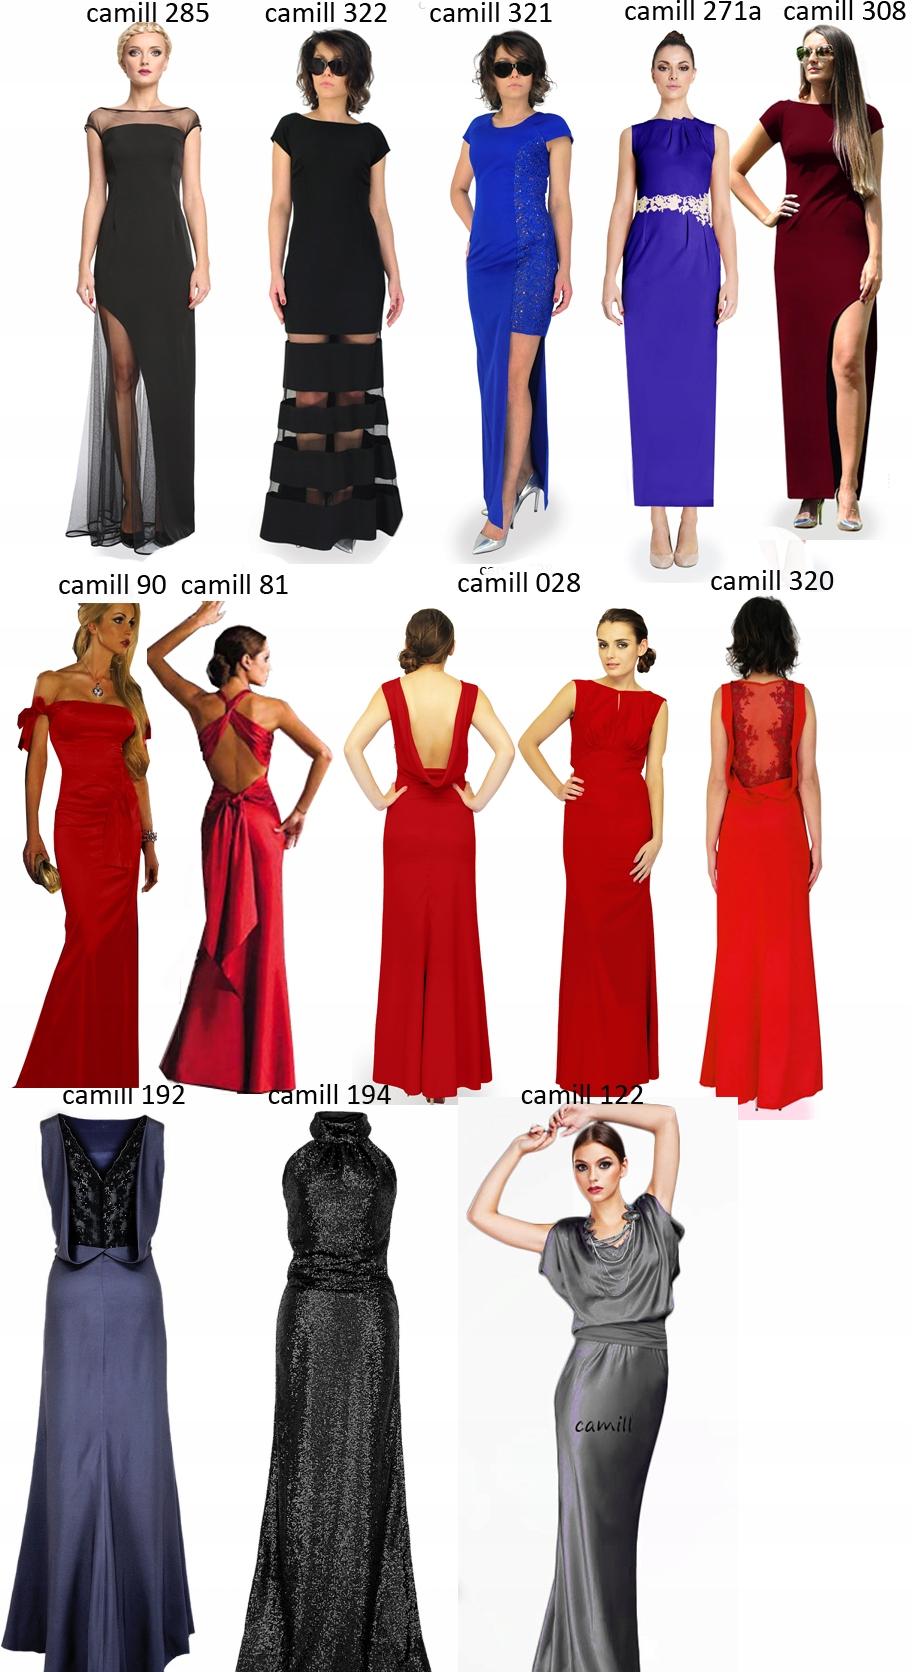 Camill 81 rybka długa suknia wieczorowa kolory 40